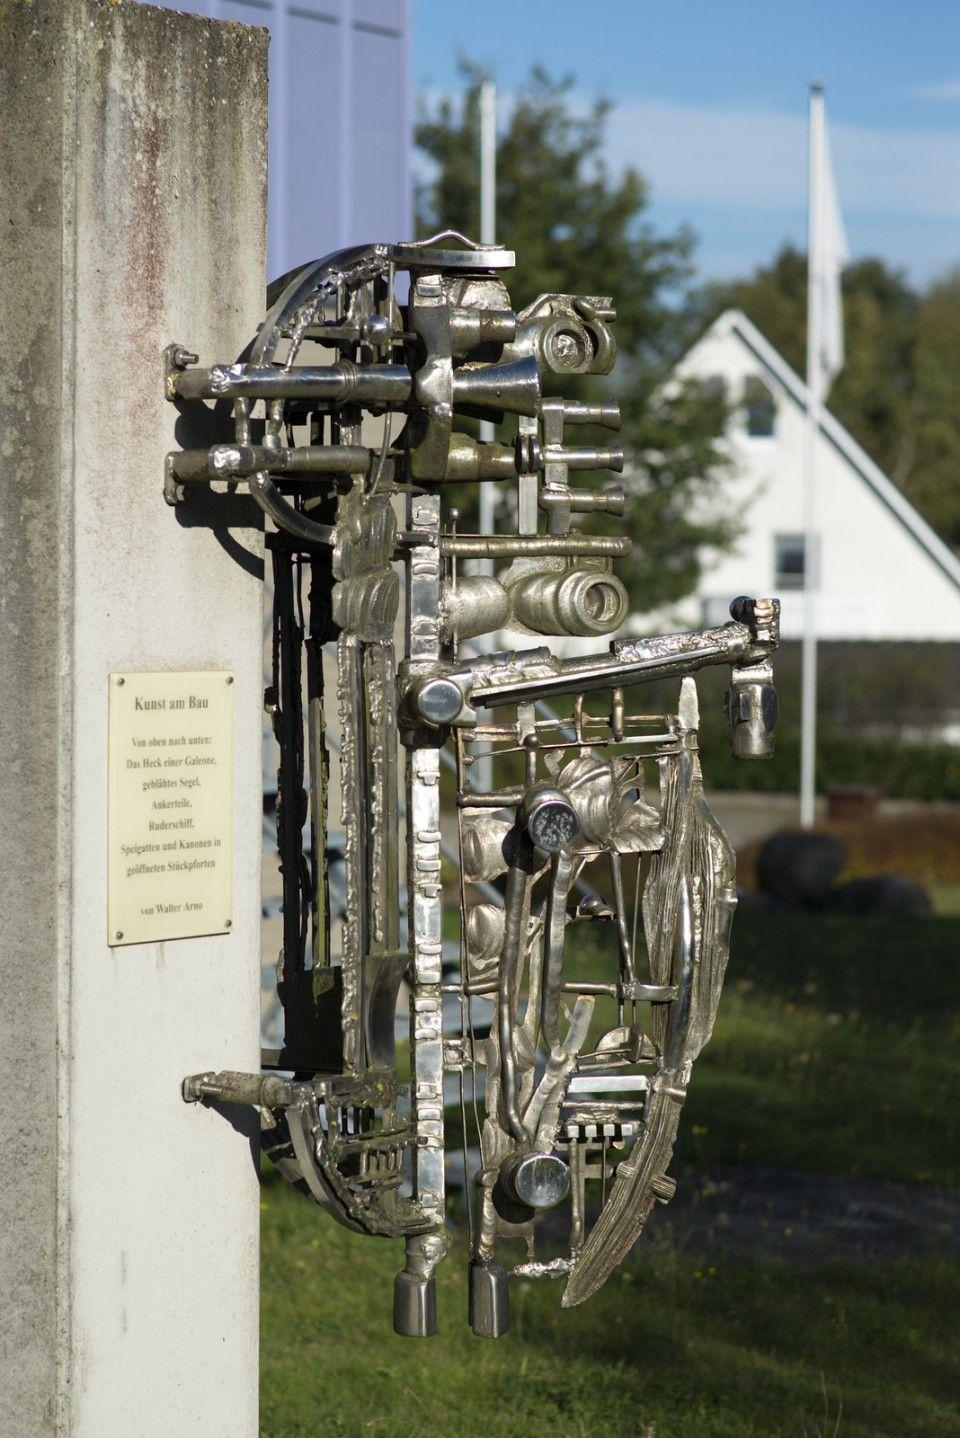 #Lauenburg Die zahlreichen miteinander verschweißten Stahlelemente greifen augenzwinkerndeine altertümliche, maritime Themenwelt auf und erinnern so an Seeräuber- und Abenteuergeschichten.Die Arbeit vor dem...